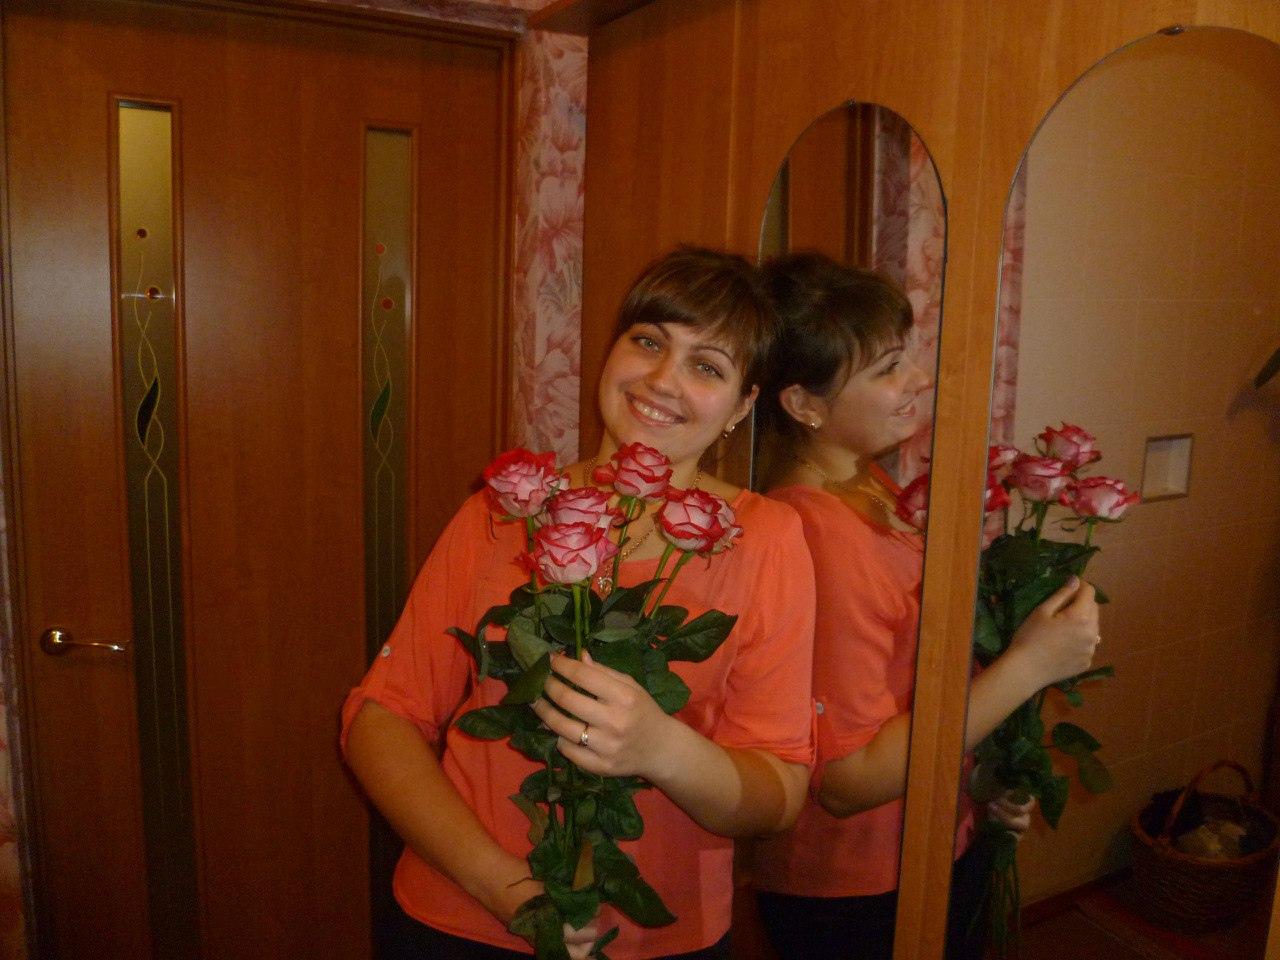 photo from album of Yulya Litvinenko №3